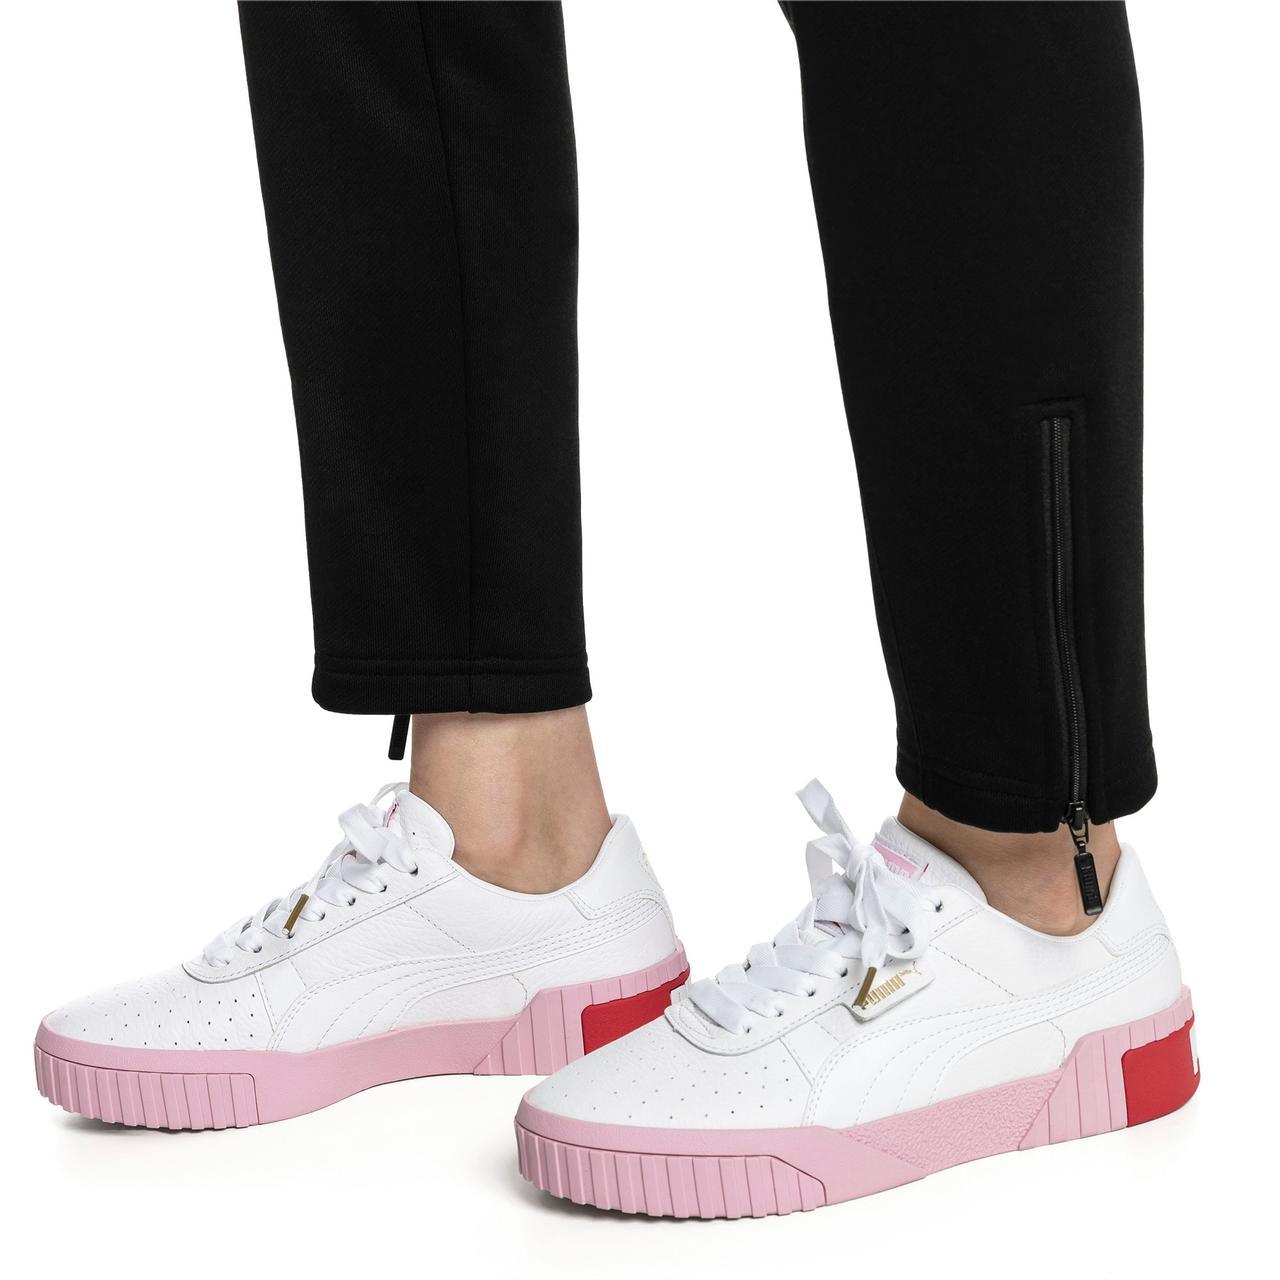 Кросівки Puma жіночі Cali в стилі Пума Калі Білі/Рожеві (Репліка ААА+)